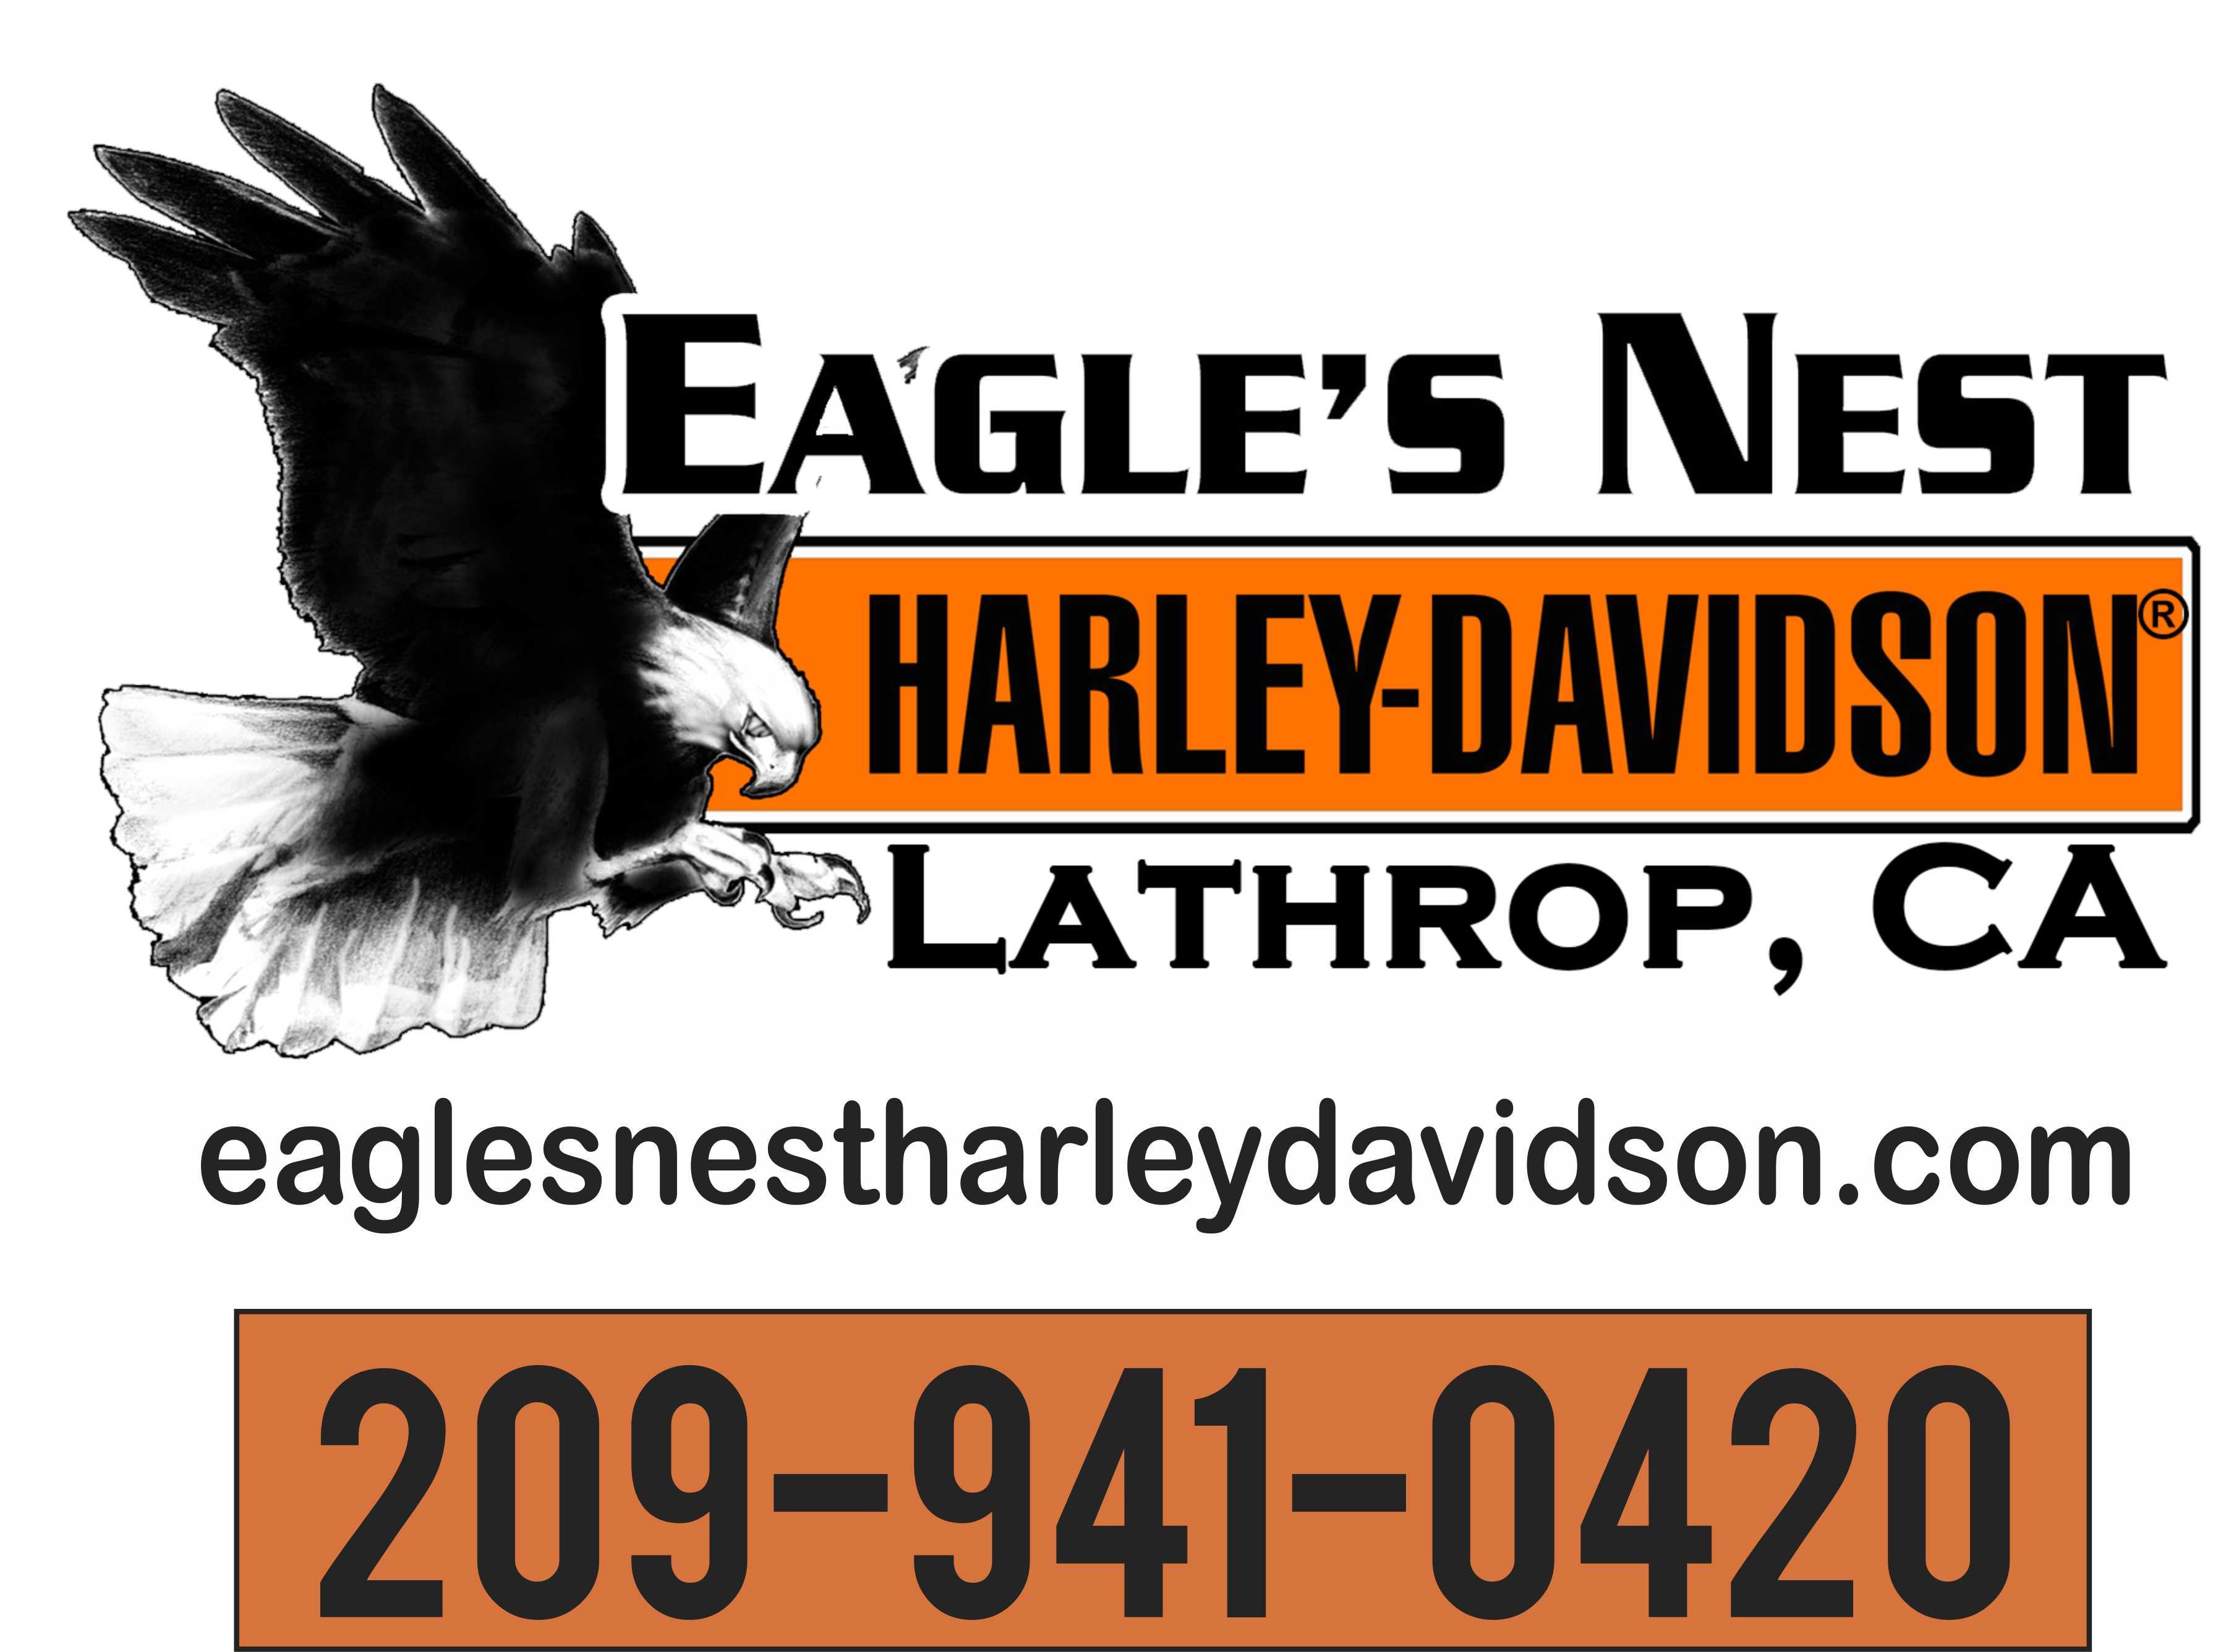 Street-Faire-2018---Eagles-Nest-Harley-Davidson.jpg